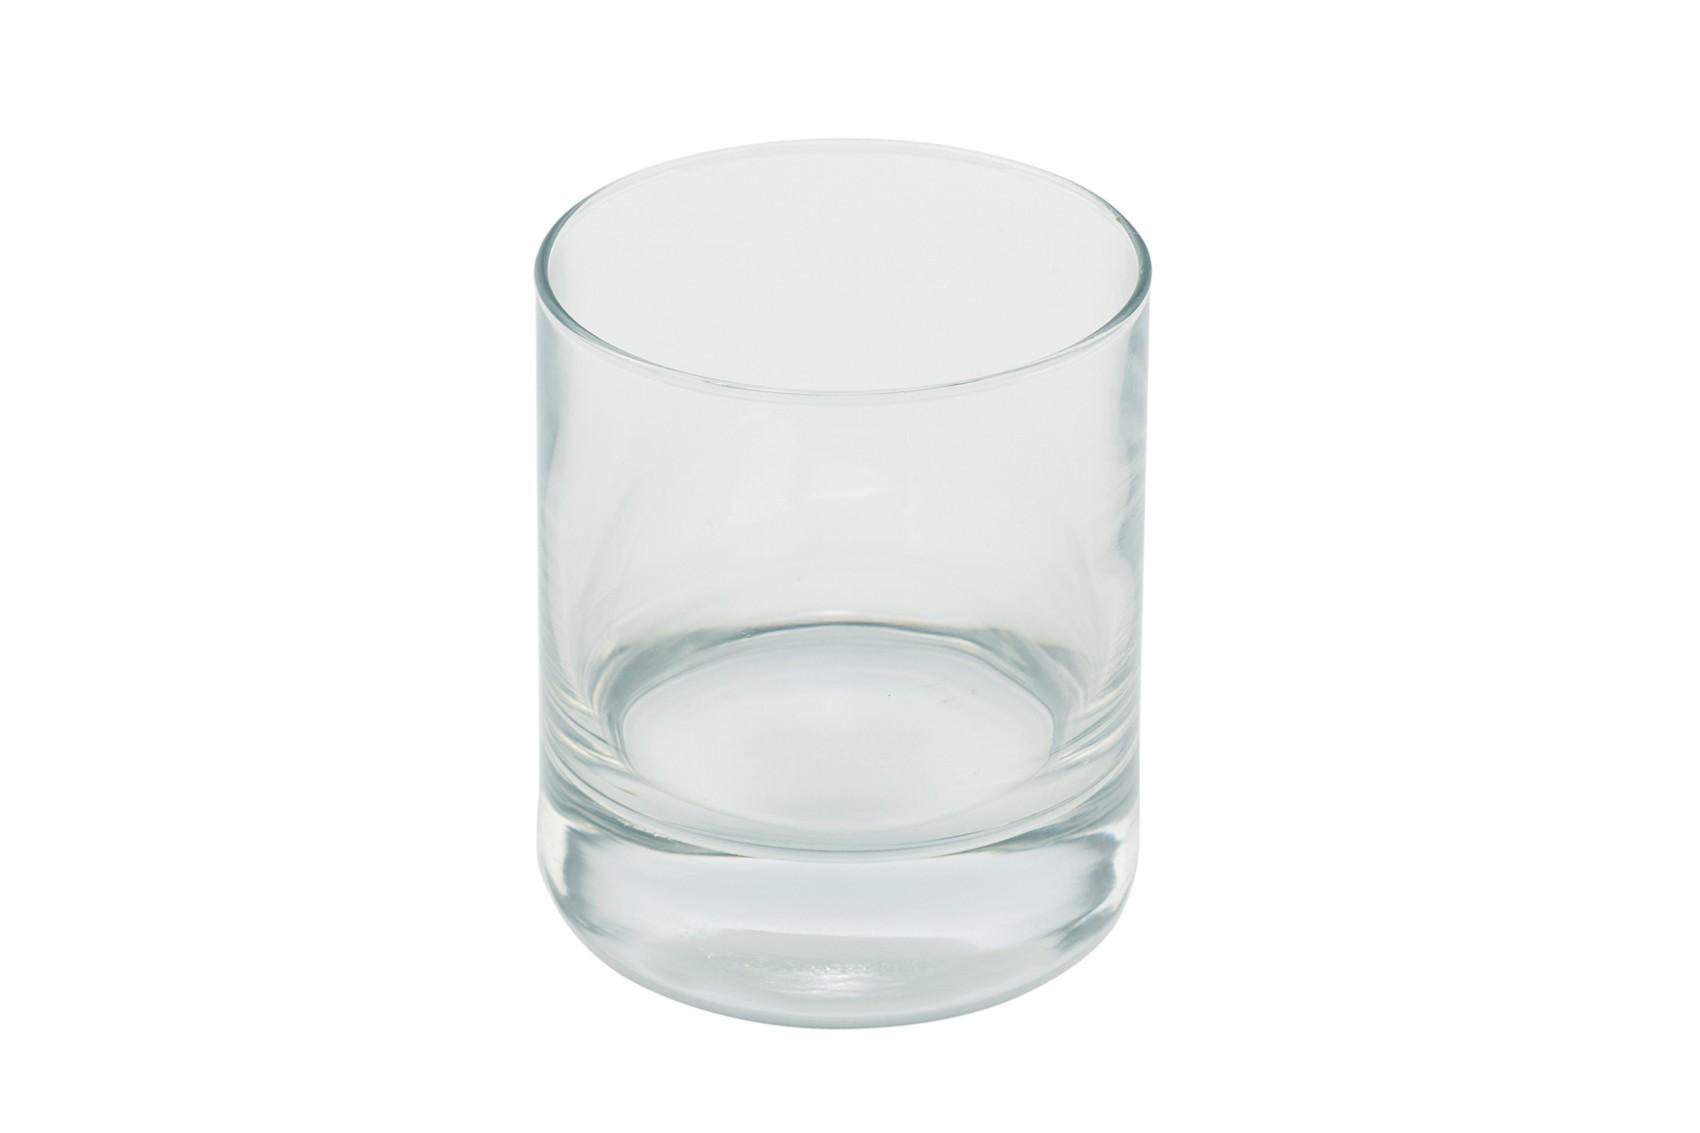 Mehrzweck-Glas 0,3 l